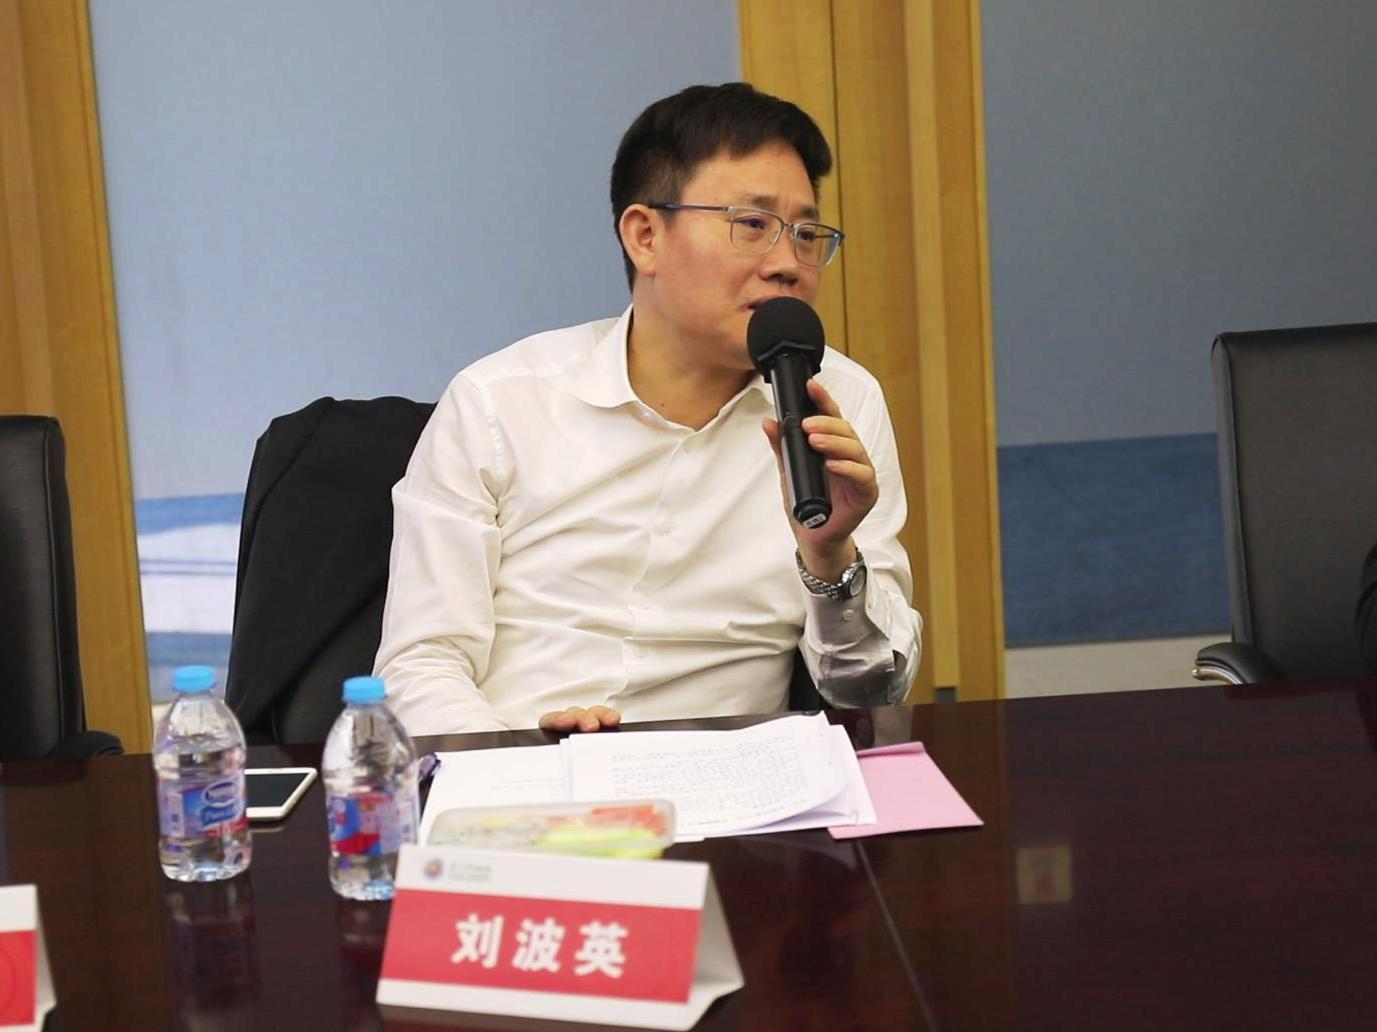 上海市經信委都市產業處處長 劉波英